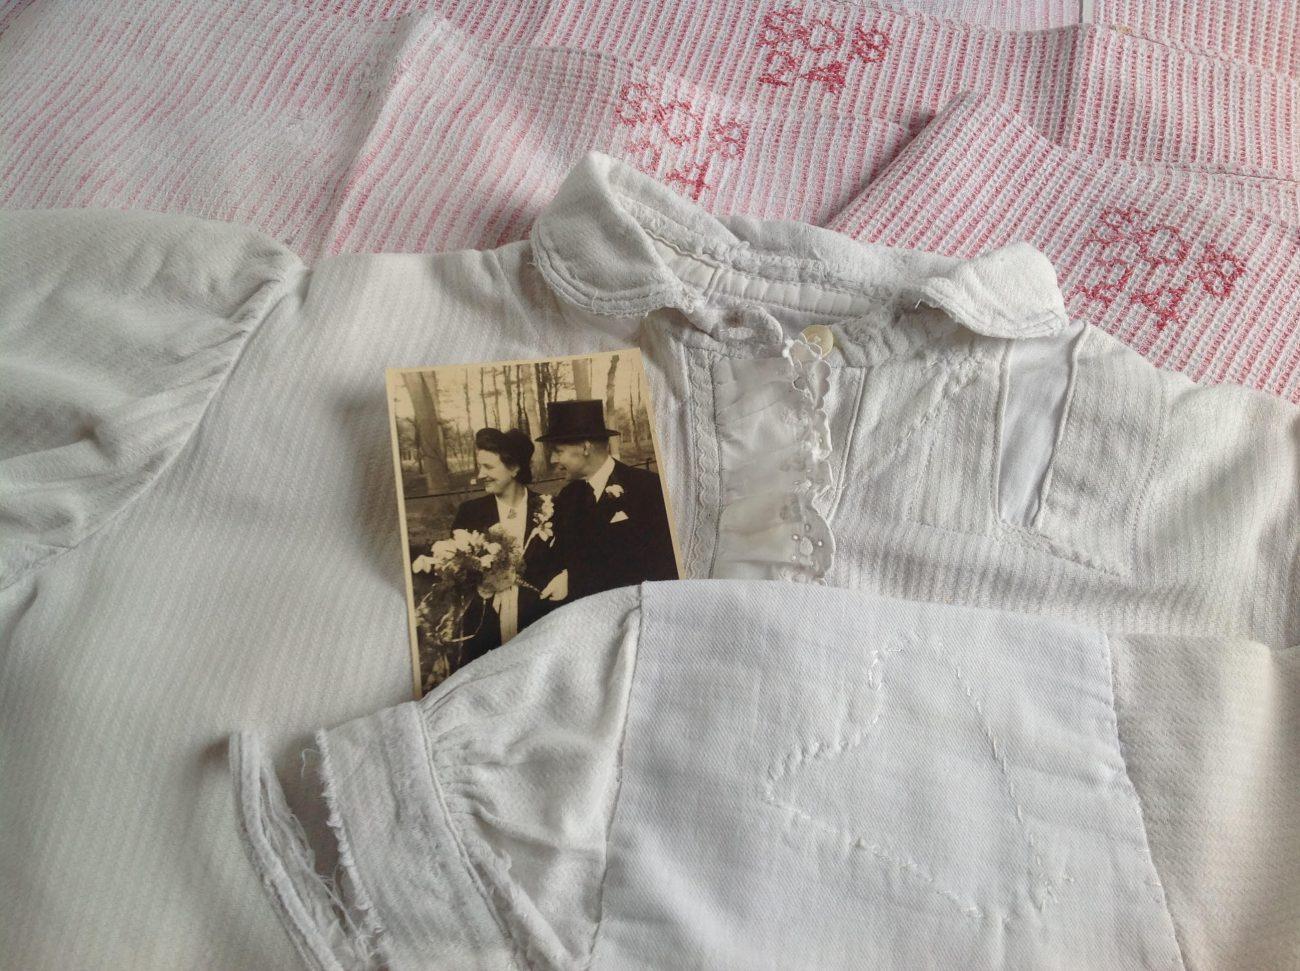 Versteld pyjamajasje en wafeldoeken, met trouwfoto Odette Graber en Asueer Jacob baron Schimmelpenninck van der Oye, 7 november 1945.